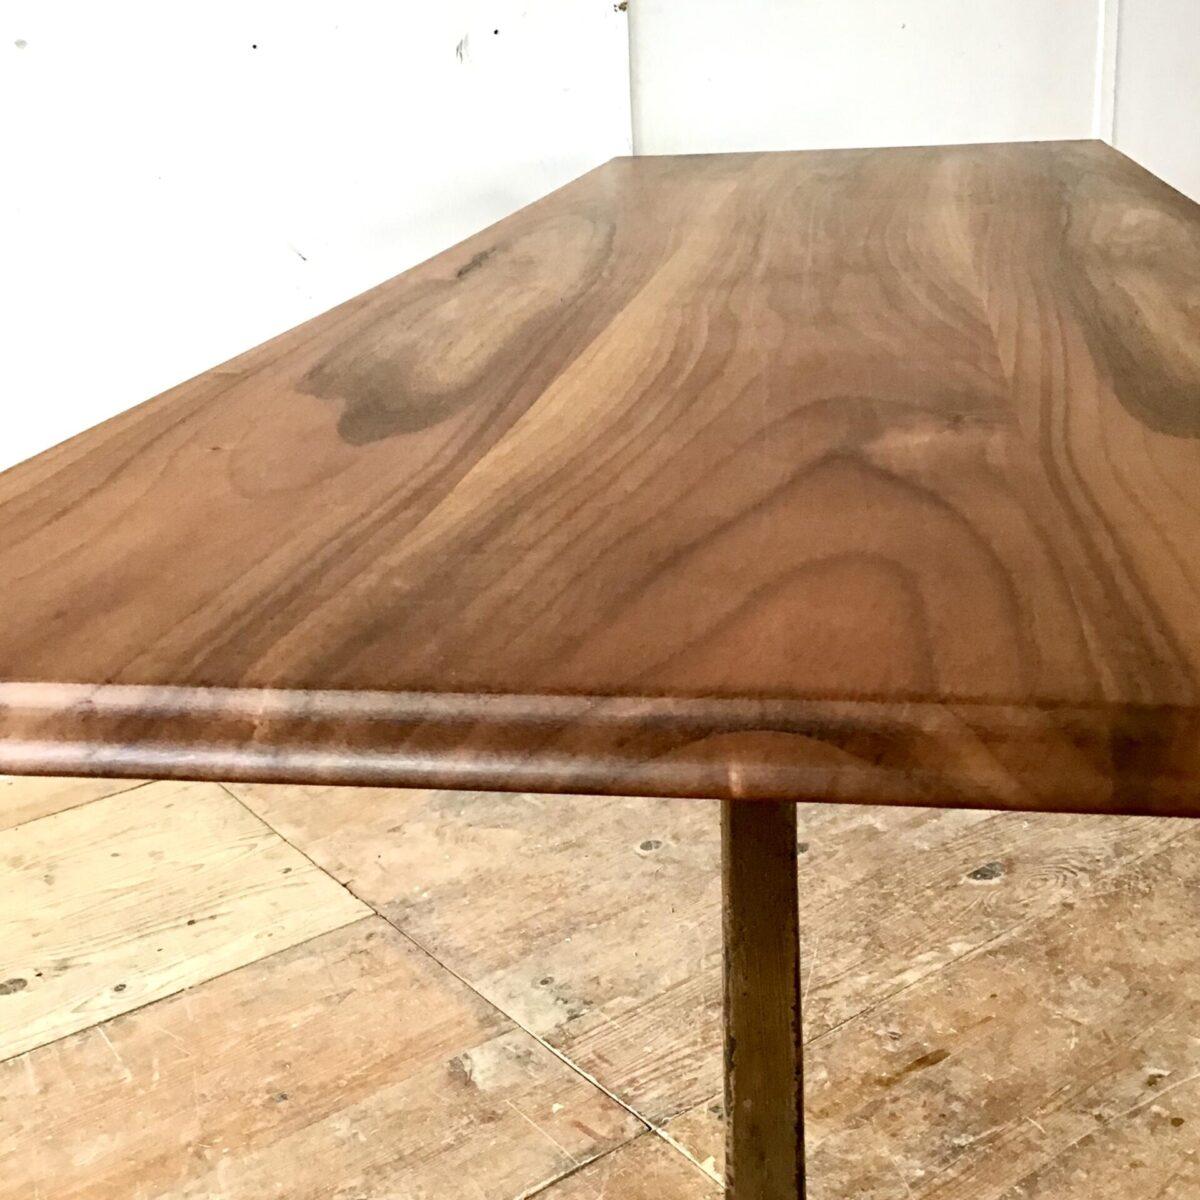 Nussbaum Esstisch mit Horgen Glarus Gussfüssen. 197cm mal 70.5cm höhe 73.5cm Gusseisenfüsse wählbar. Tischblatt Vollholz mit Beizentisch Profilkante, Oberfläche geölt.